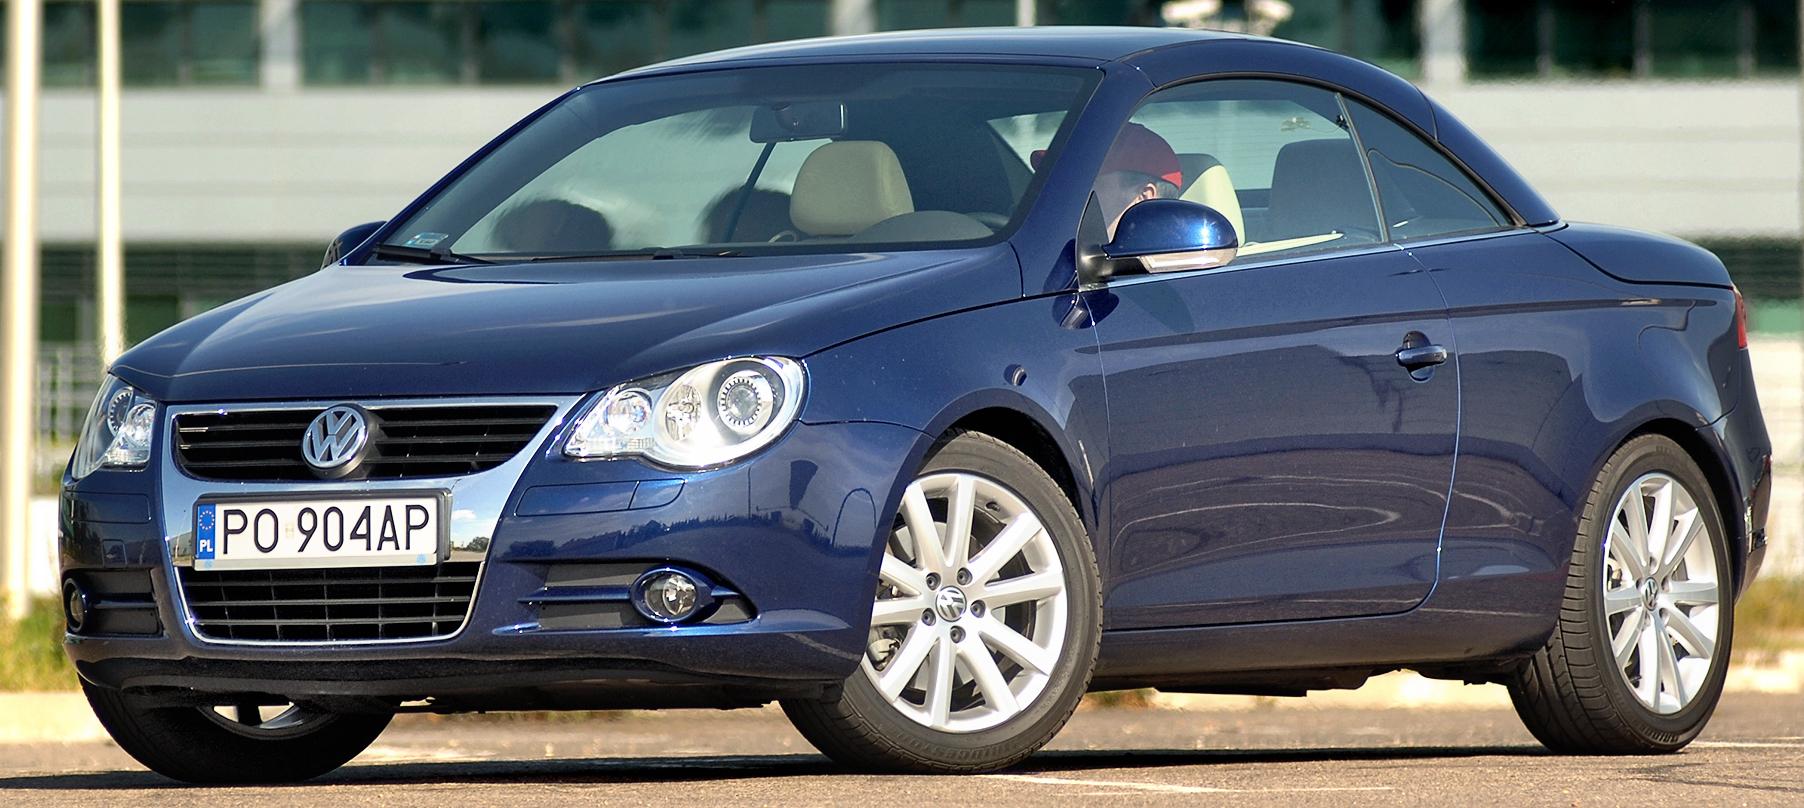 VW Eos (2005-2015)